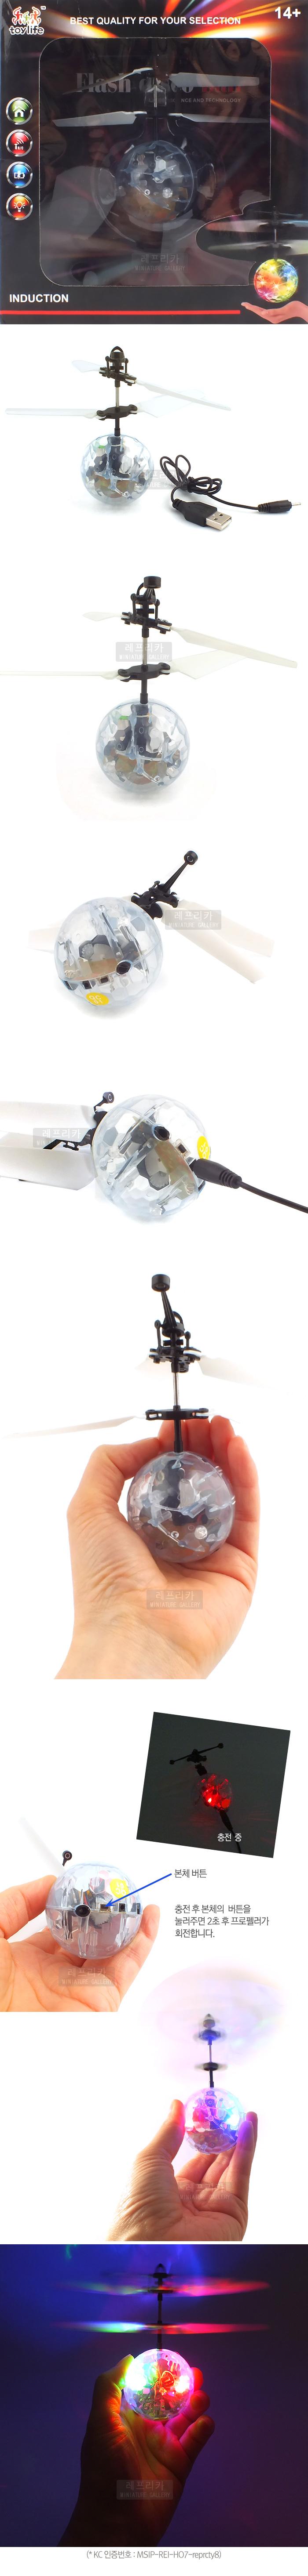 (동영상) Mini Flyer RC (TOG613067) 미니플라이어 - 레프리카, 20,000원, R/C 드론/쿼드콥터, 드론